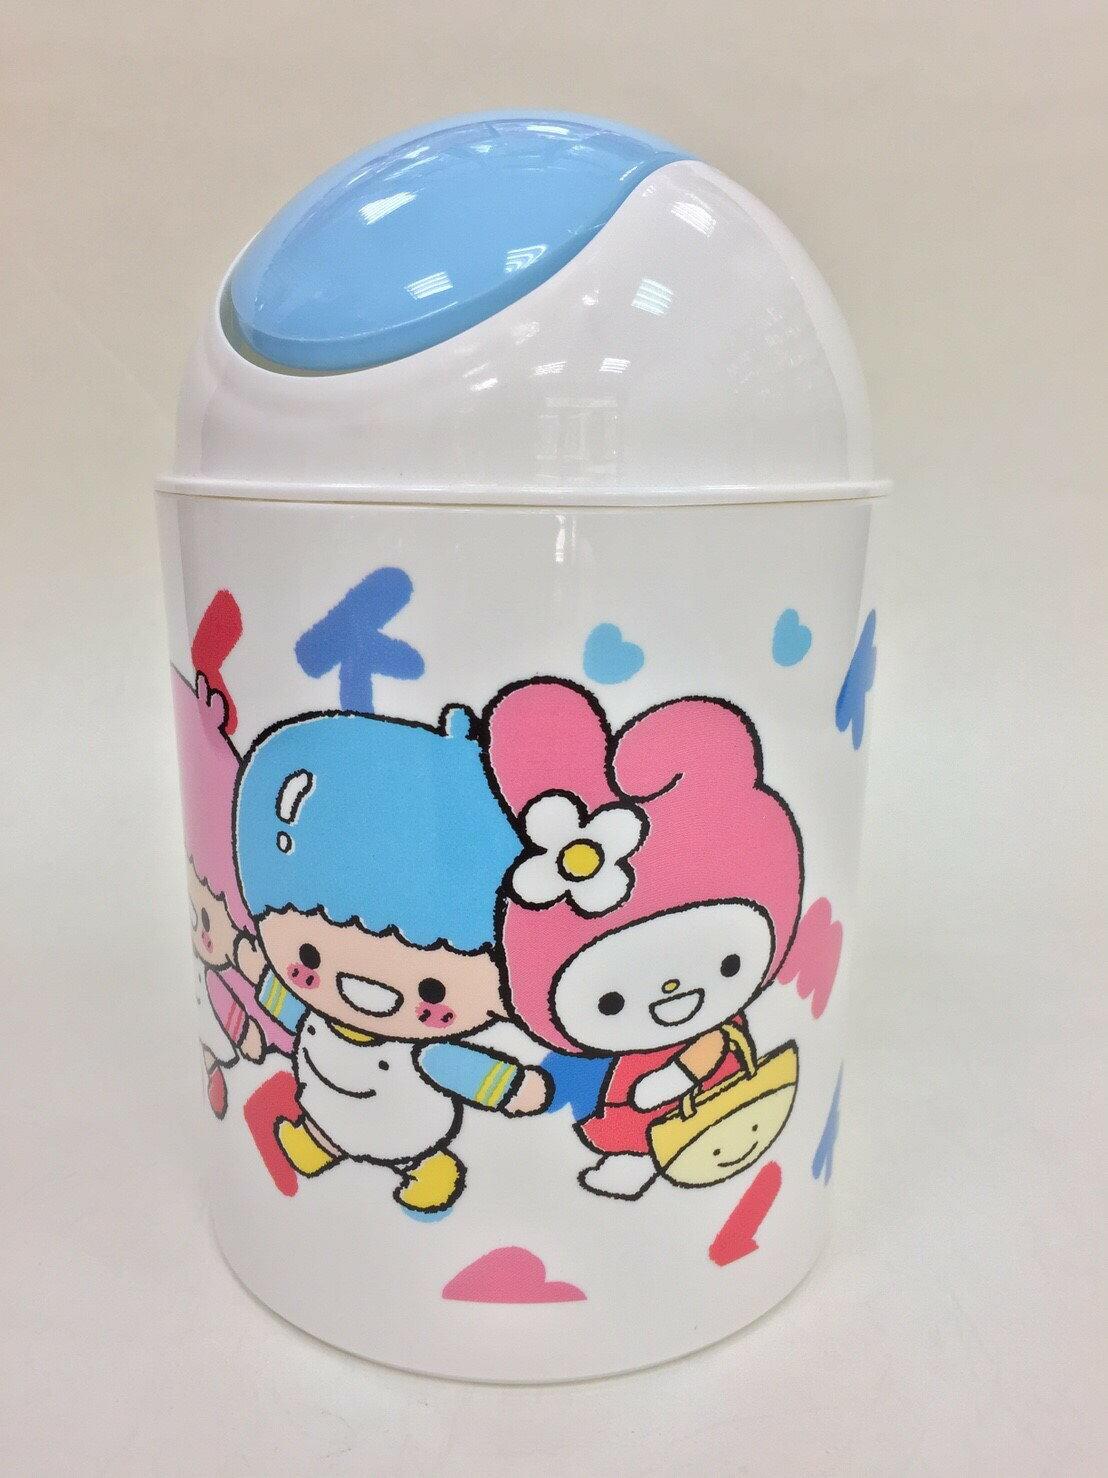 【真愛日本】17102300004 旋蓋圓筒垃圾桶-KT WEIWEI 三麗鷗 Hello Kitty 凱蒂貓 日用品